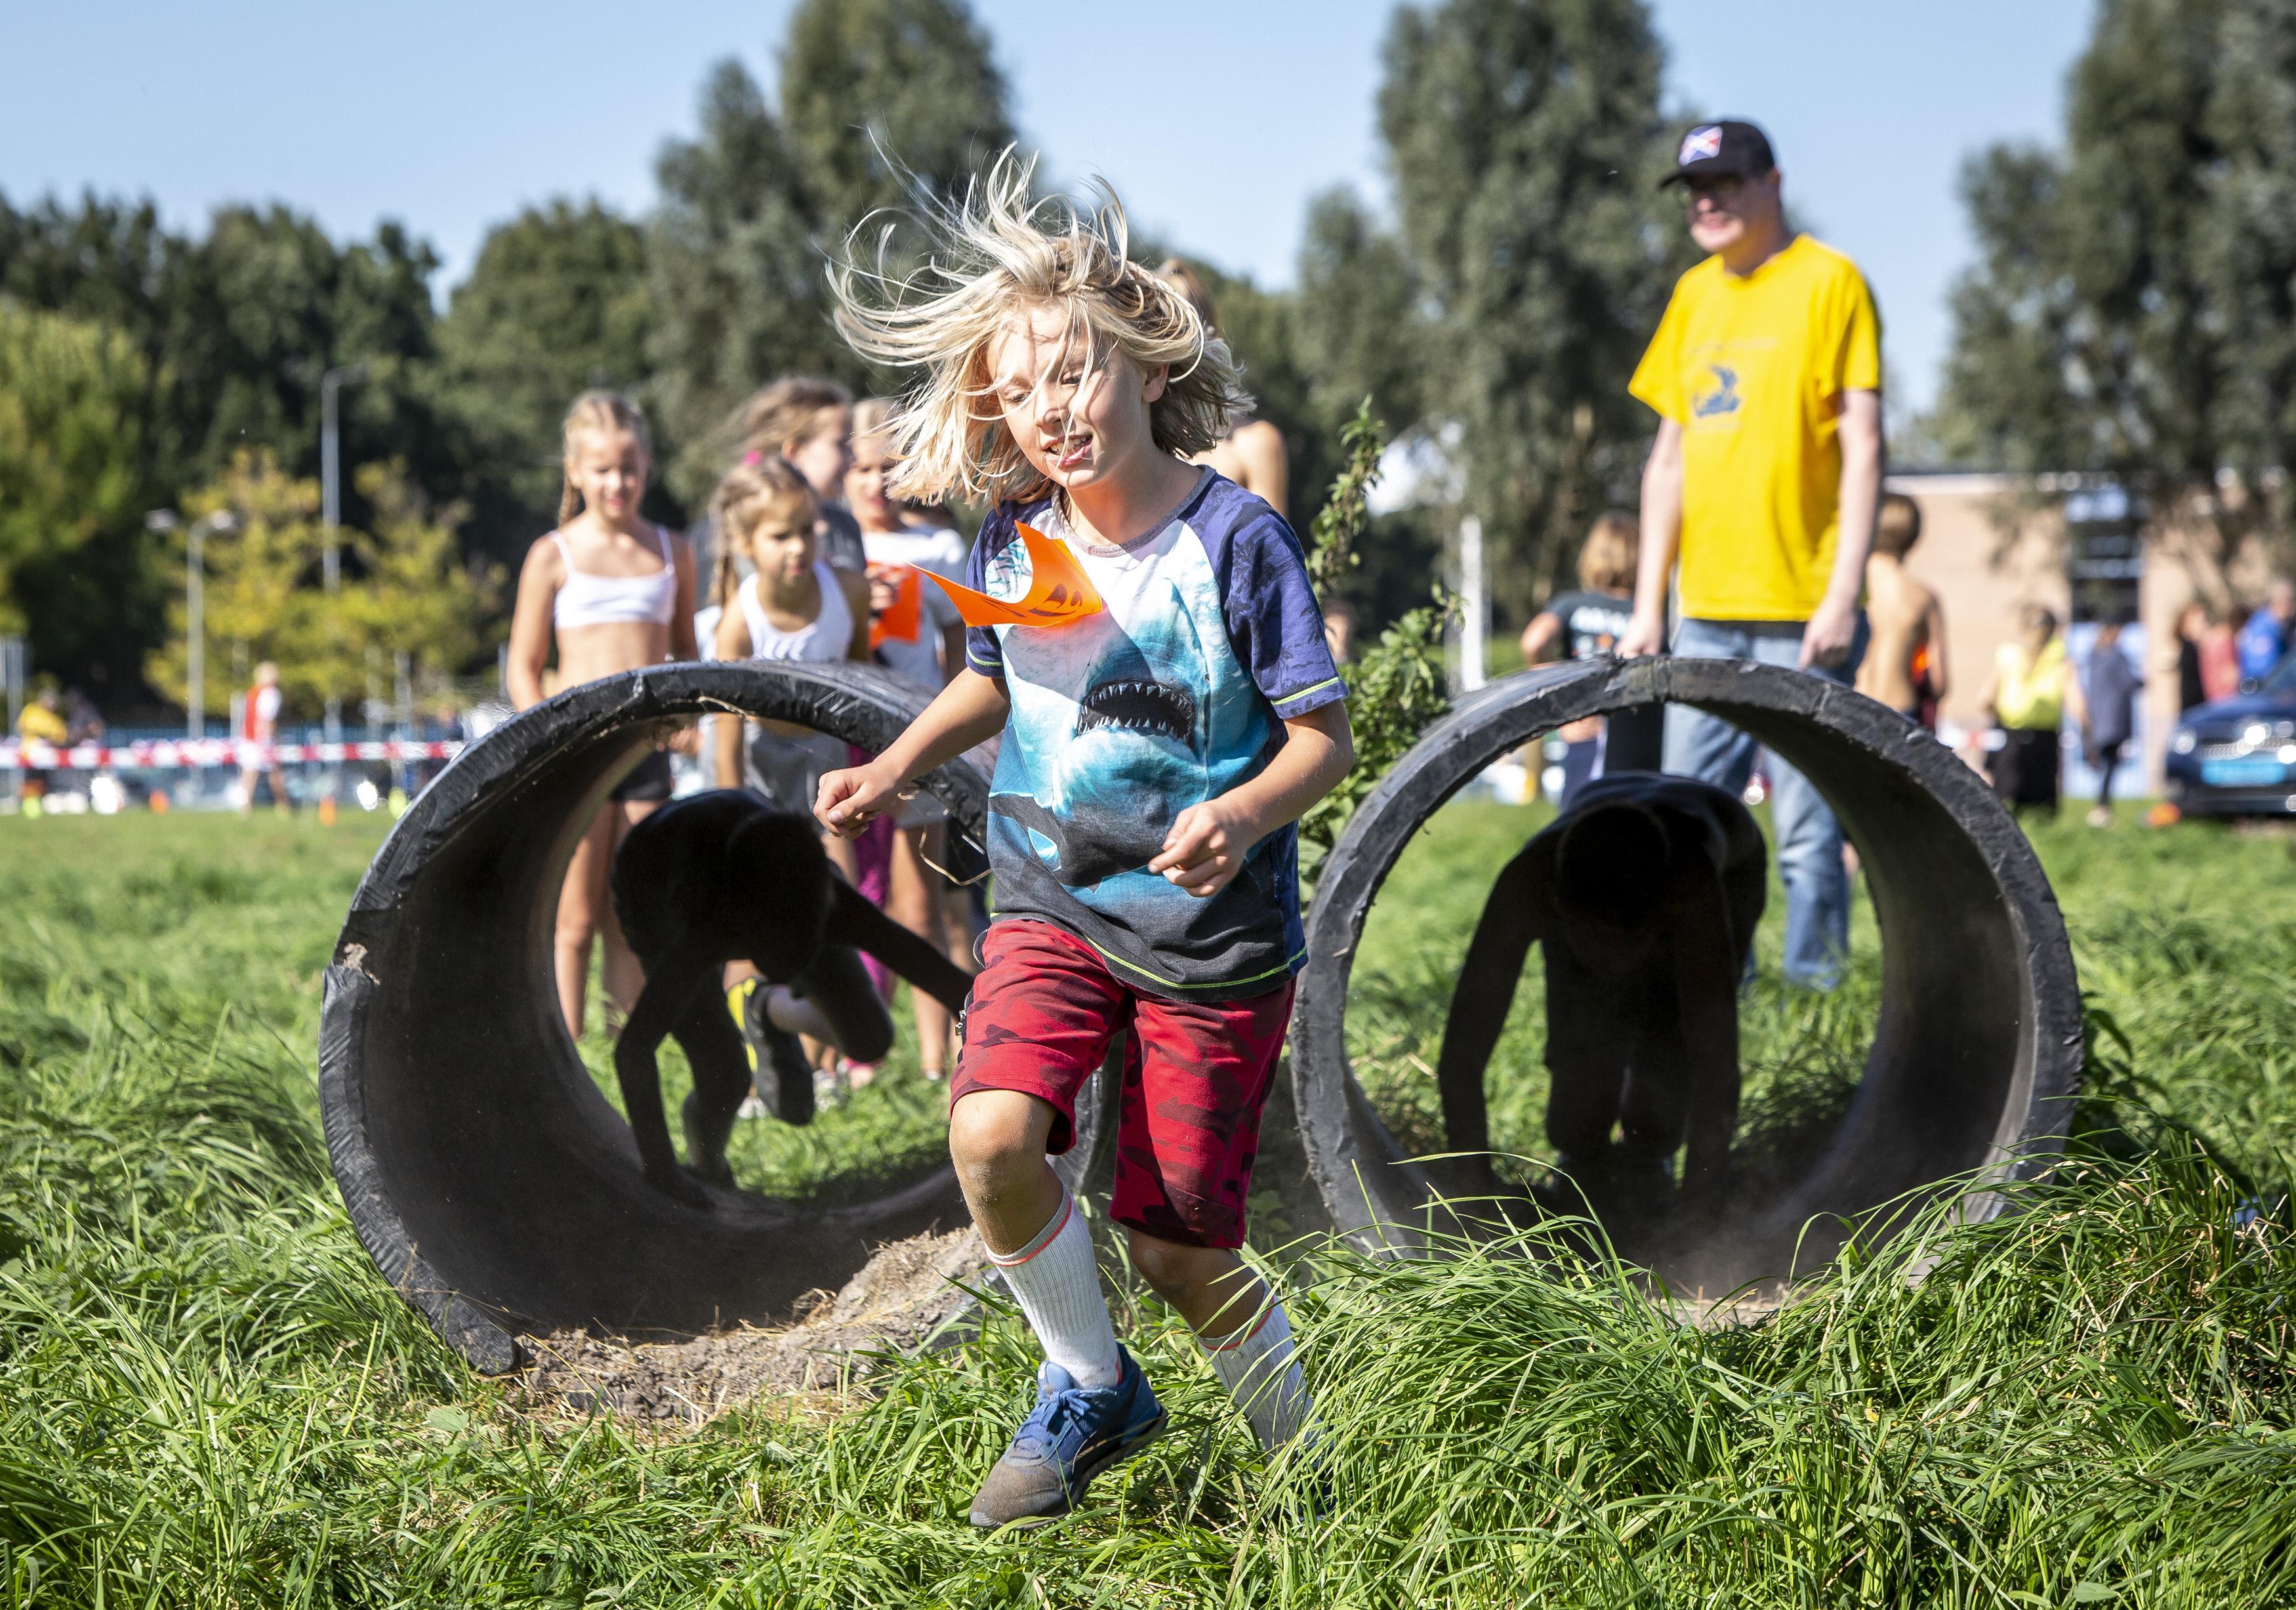 Gezellig coronaproof mini-Zomerfeest in Spaarndam: 'Je ziet dat de kinderen superveel lol hebben met elkaar'